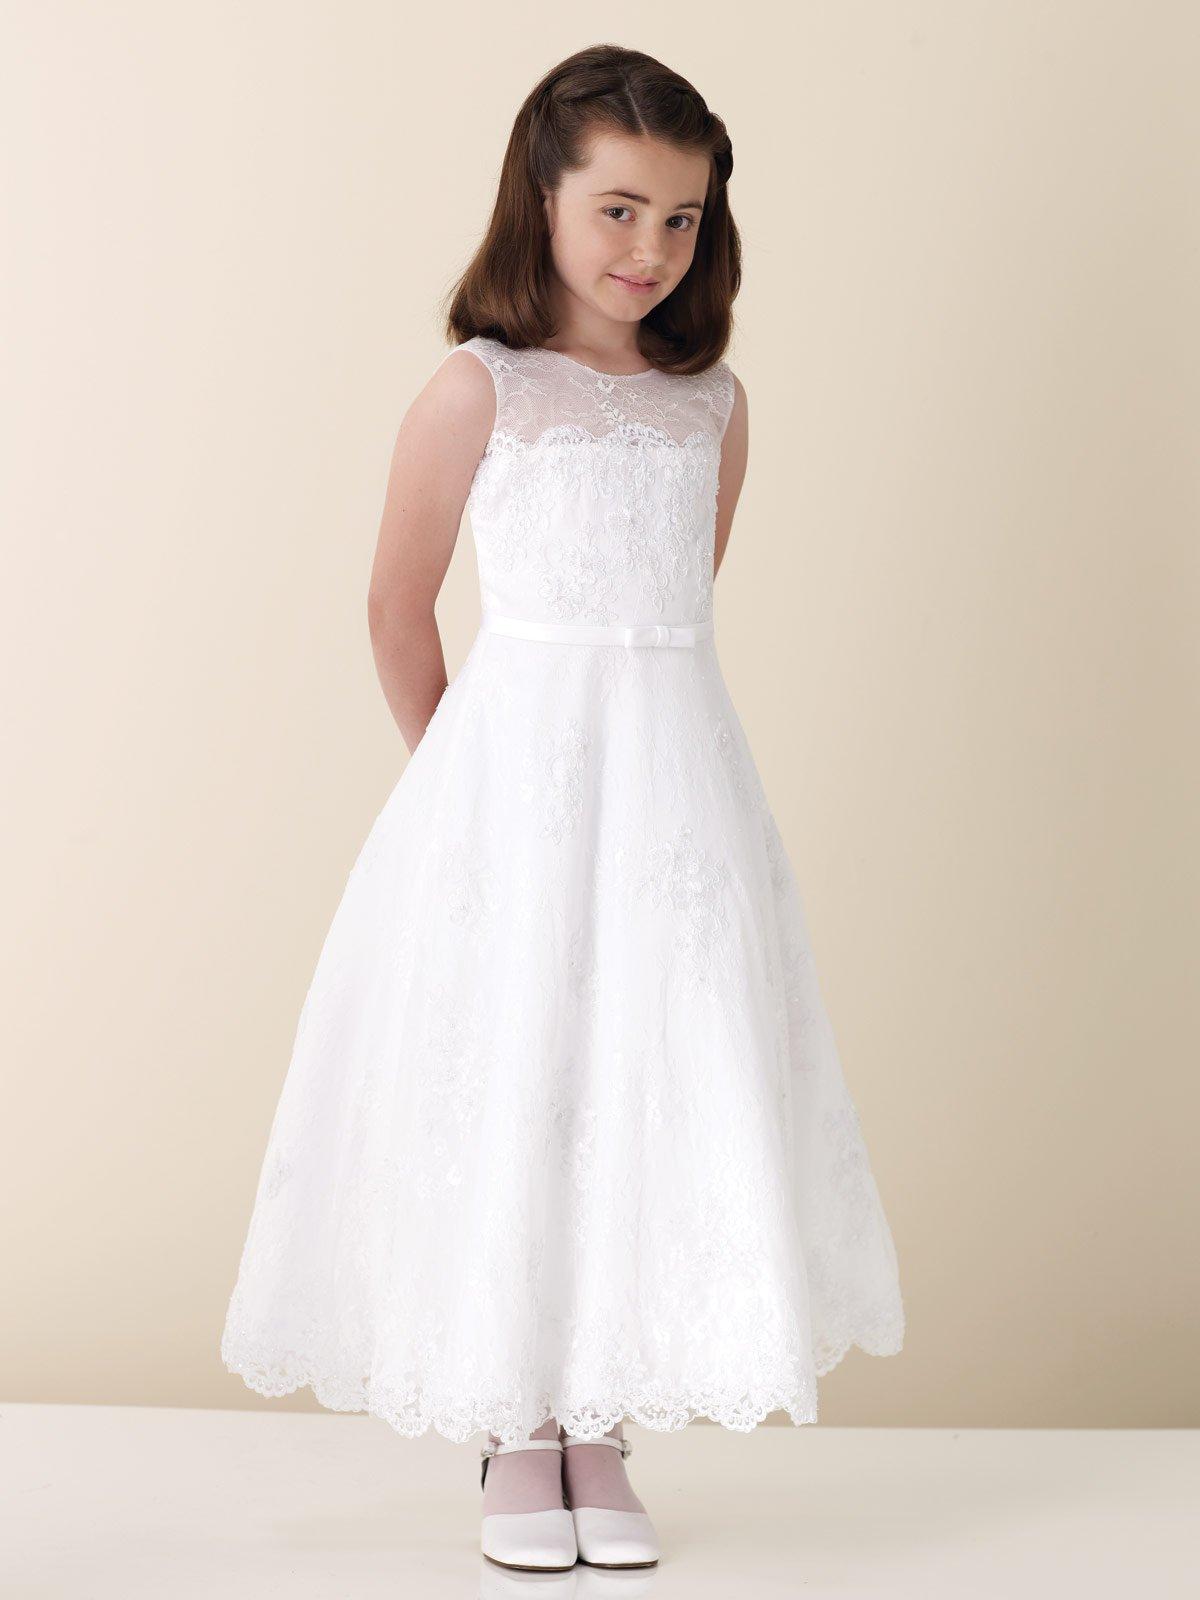 بالصور فساتين للاعراس اطفال , لاحلي البنات العرايس 379 3